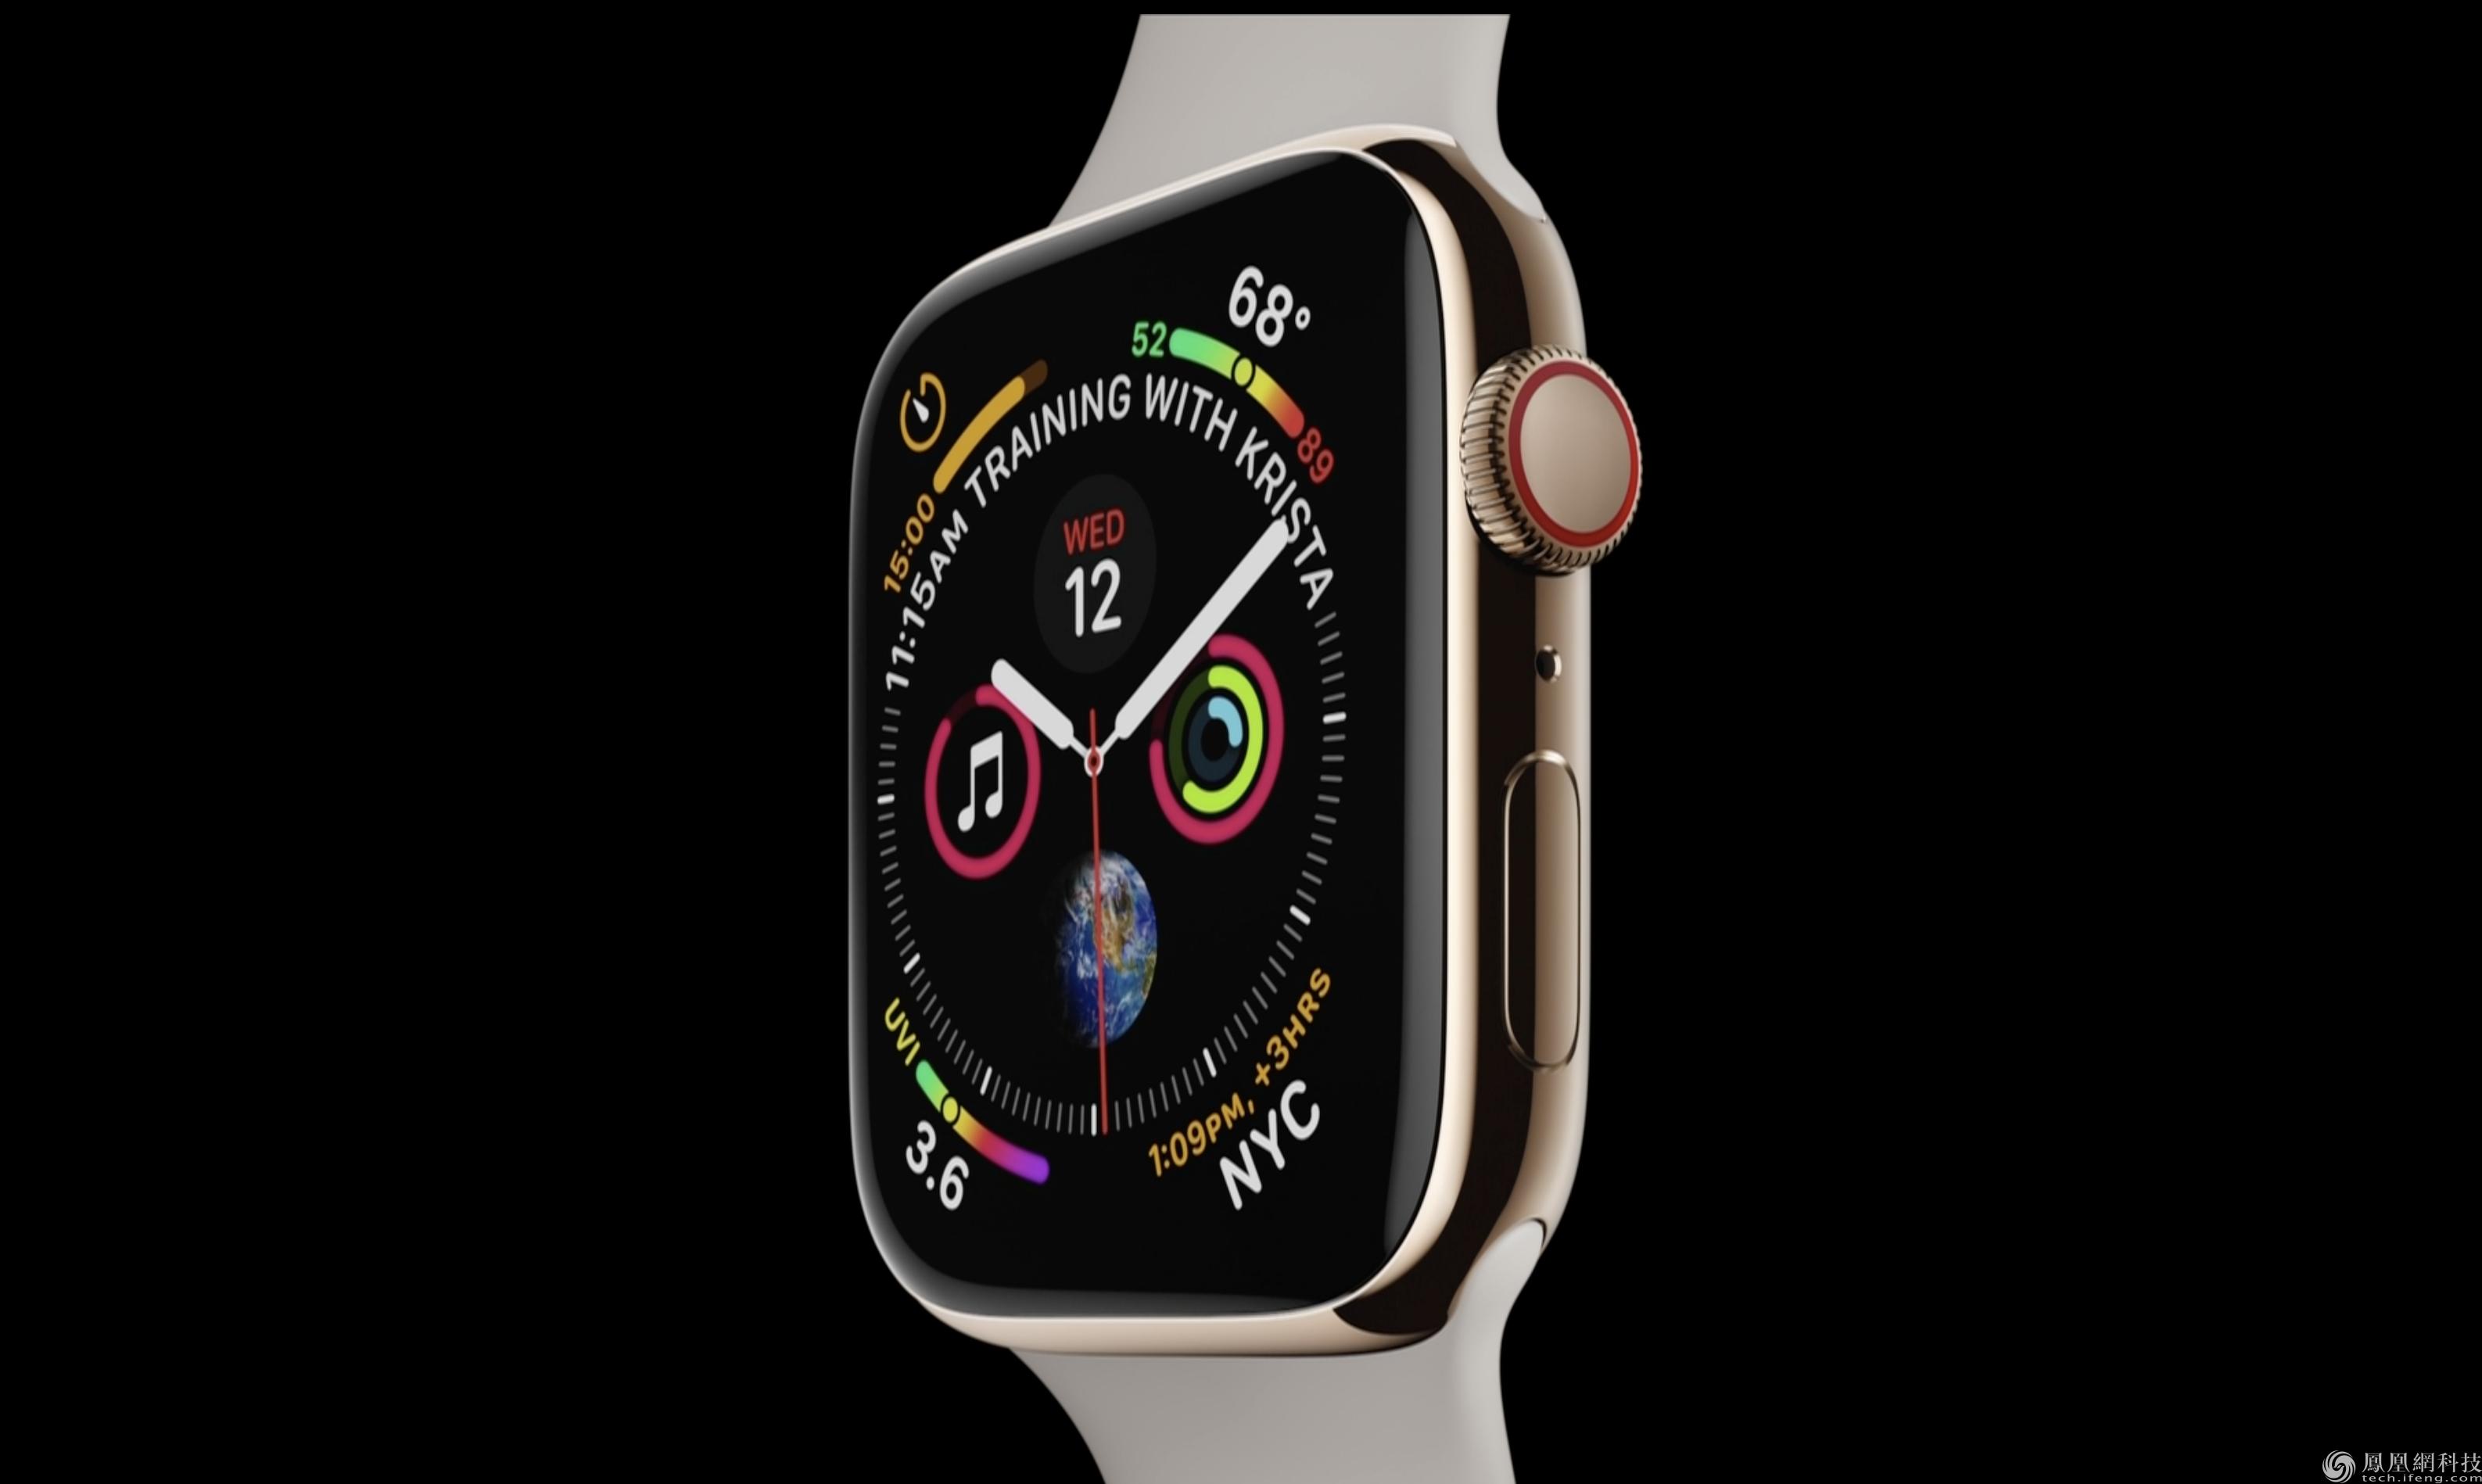 蘋果發布Apple Watch Serie4:搭載全面屏,健康功能全面升級